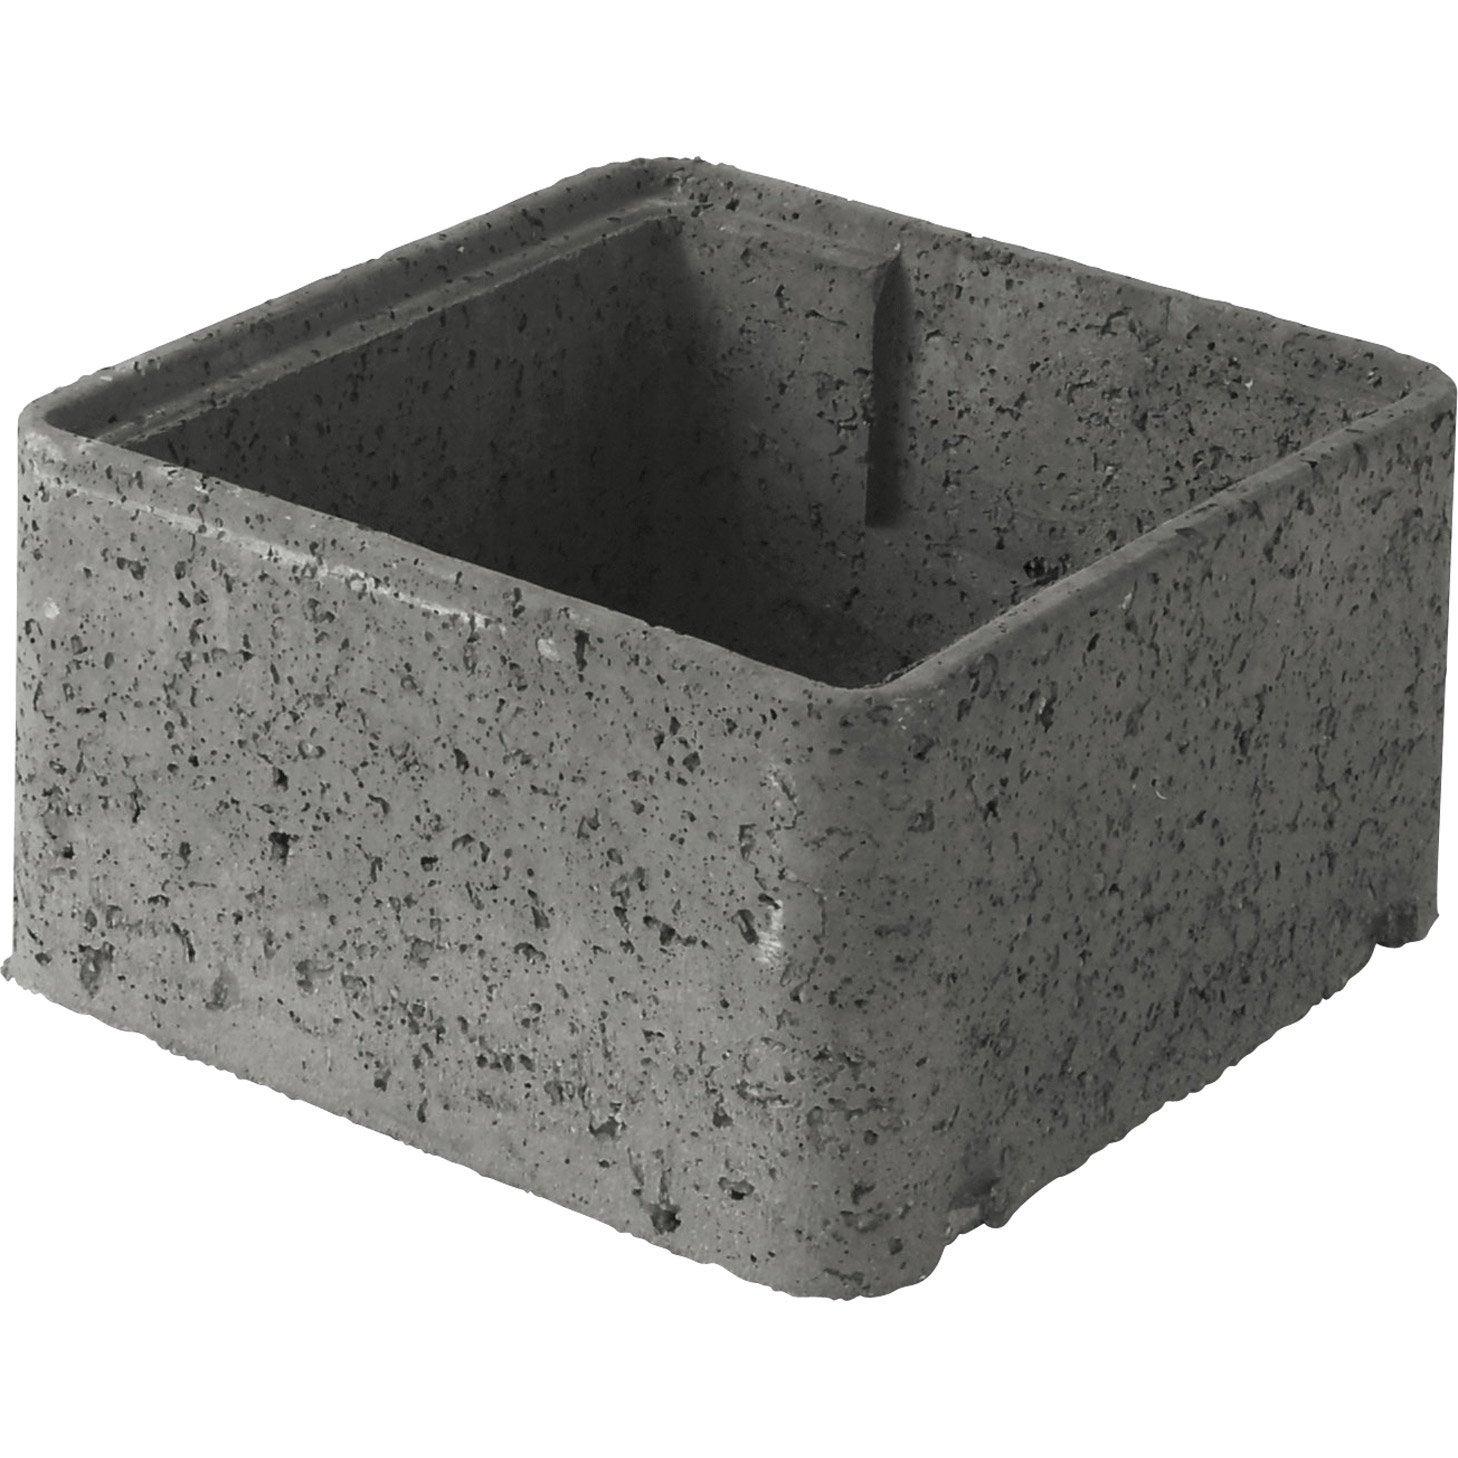 Rehausse de regard b ton 36x36x20 cm leroy merlin - Leroy merlin plot beton ...